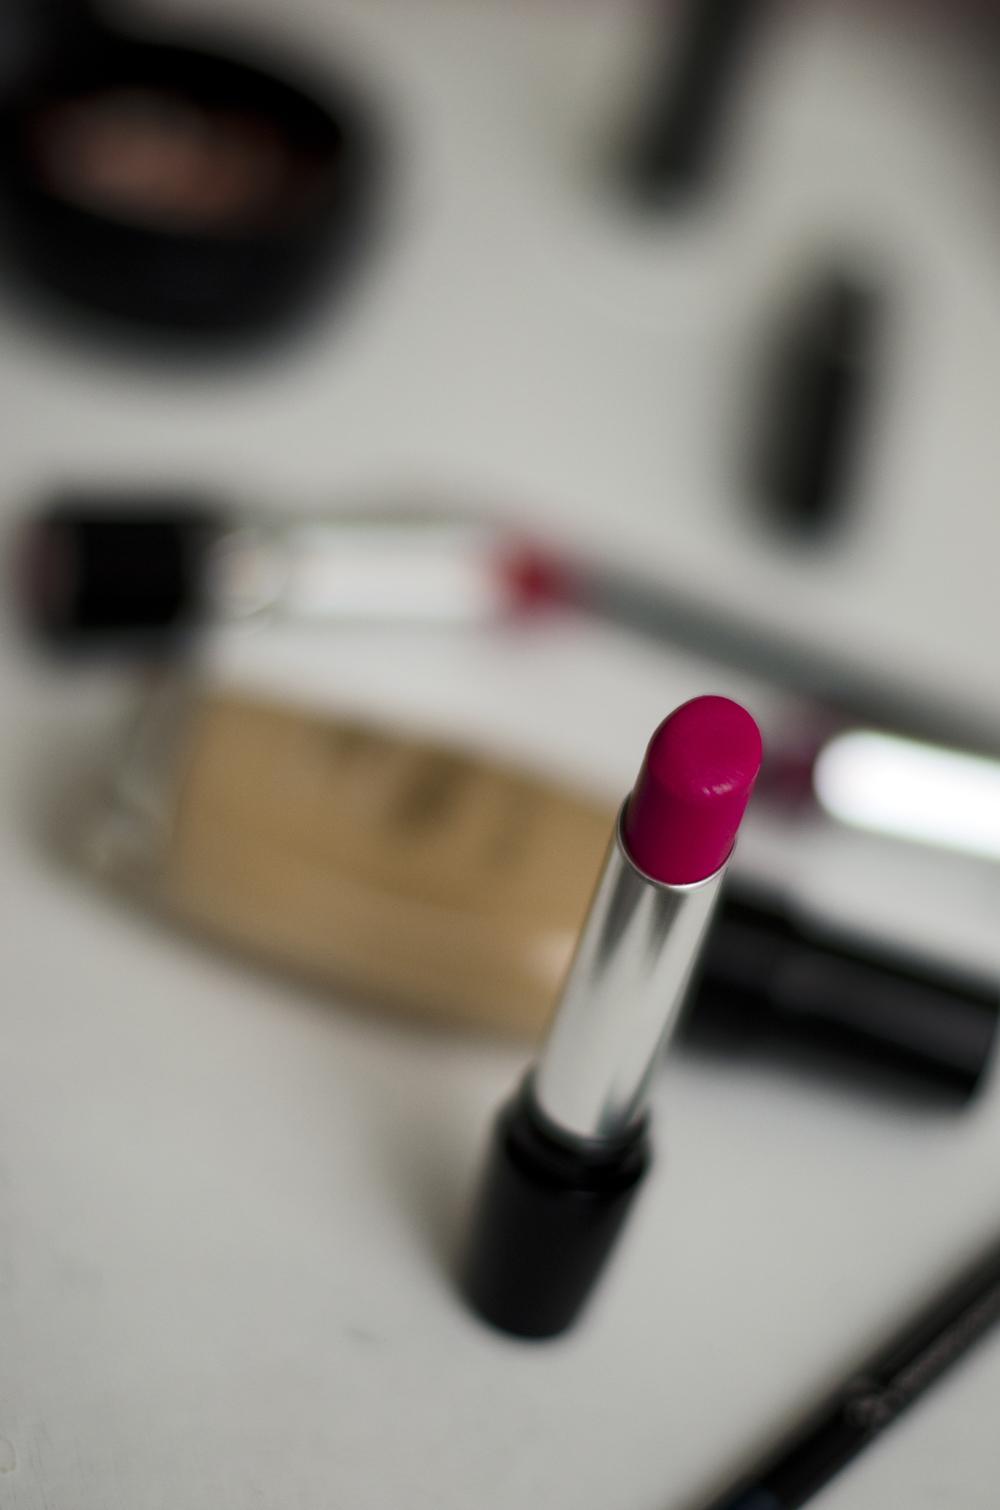 rossetto perfetto   rossetto rosa fucsia   rossetto a lunga durata